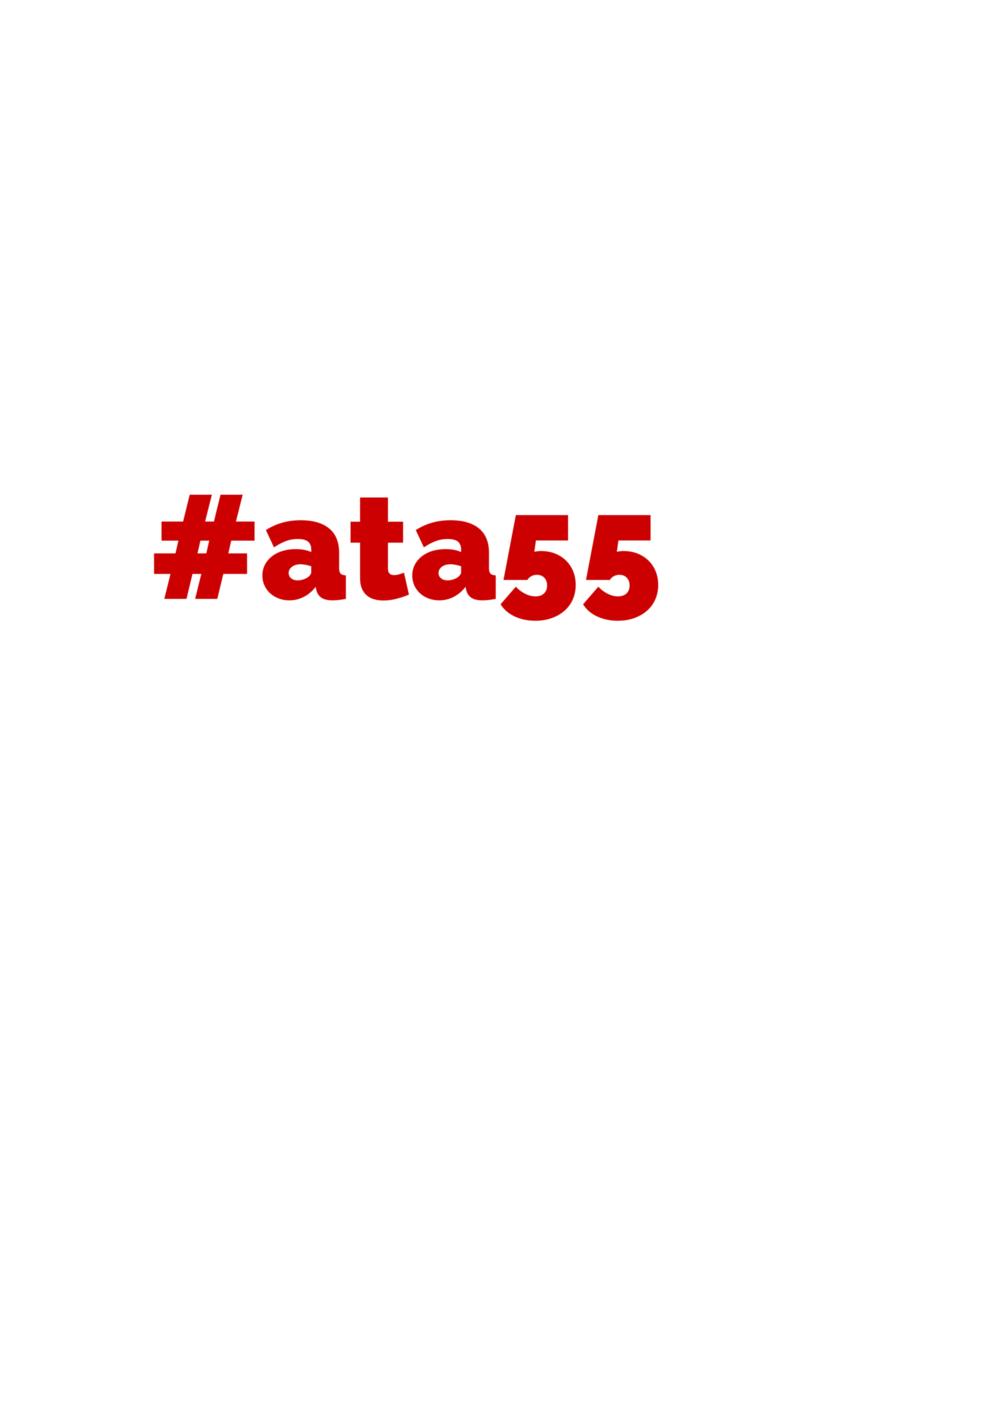 ata55_hashtag.png